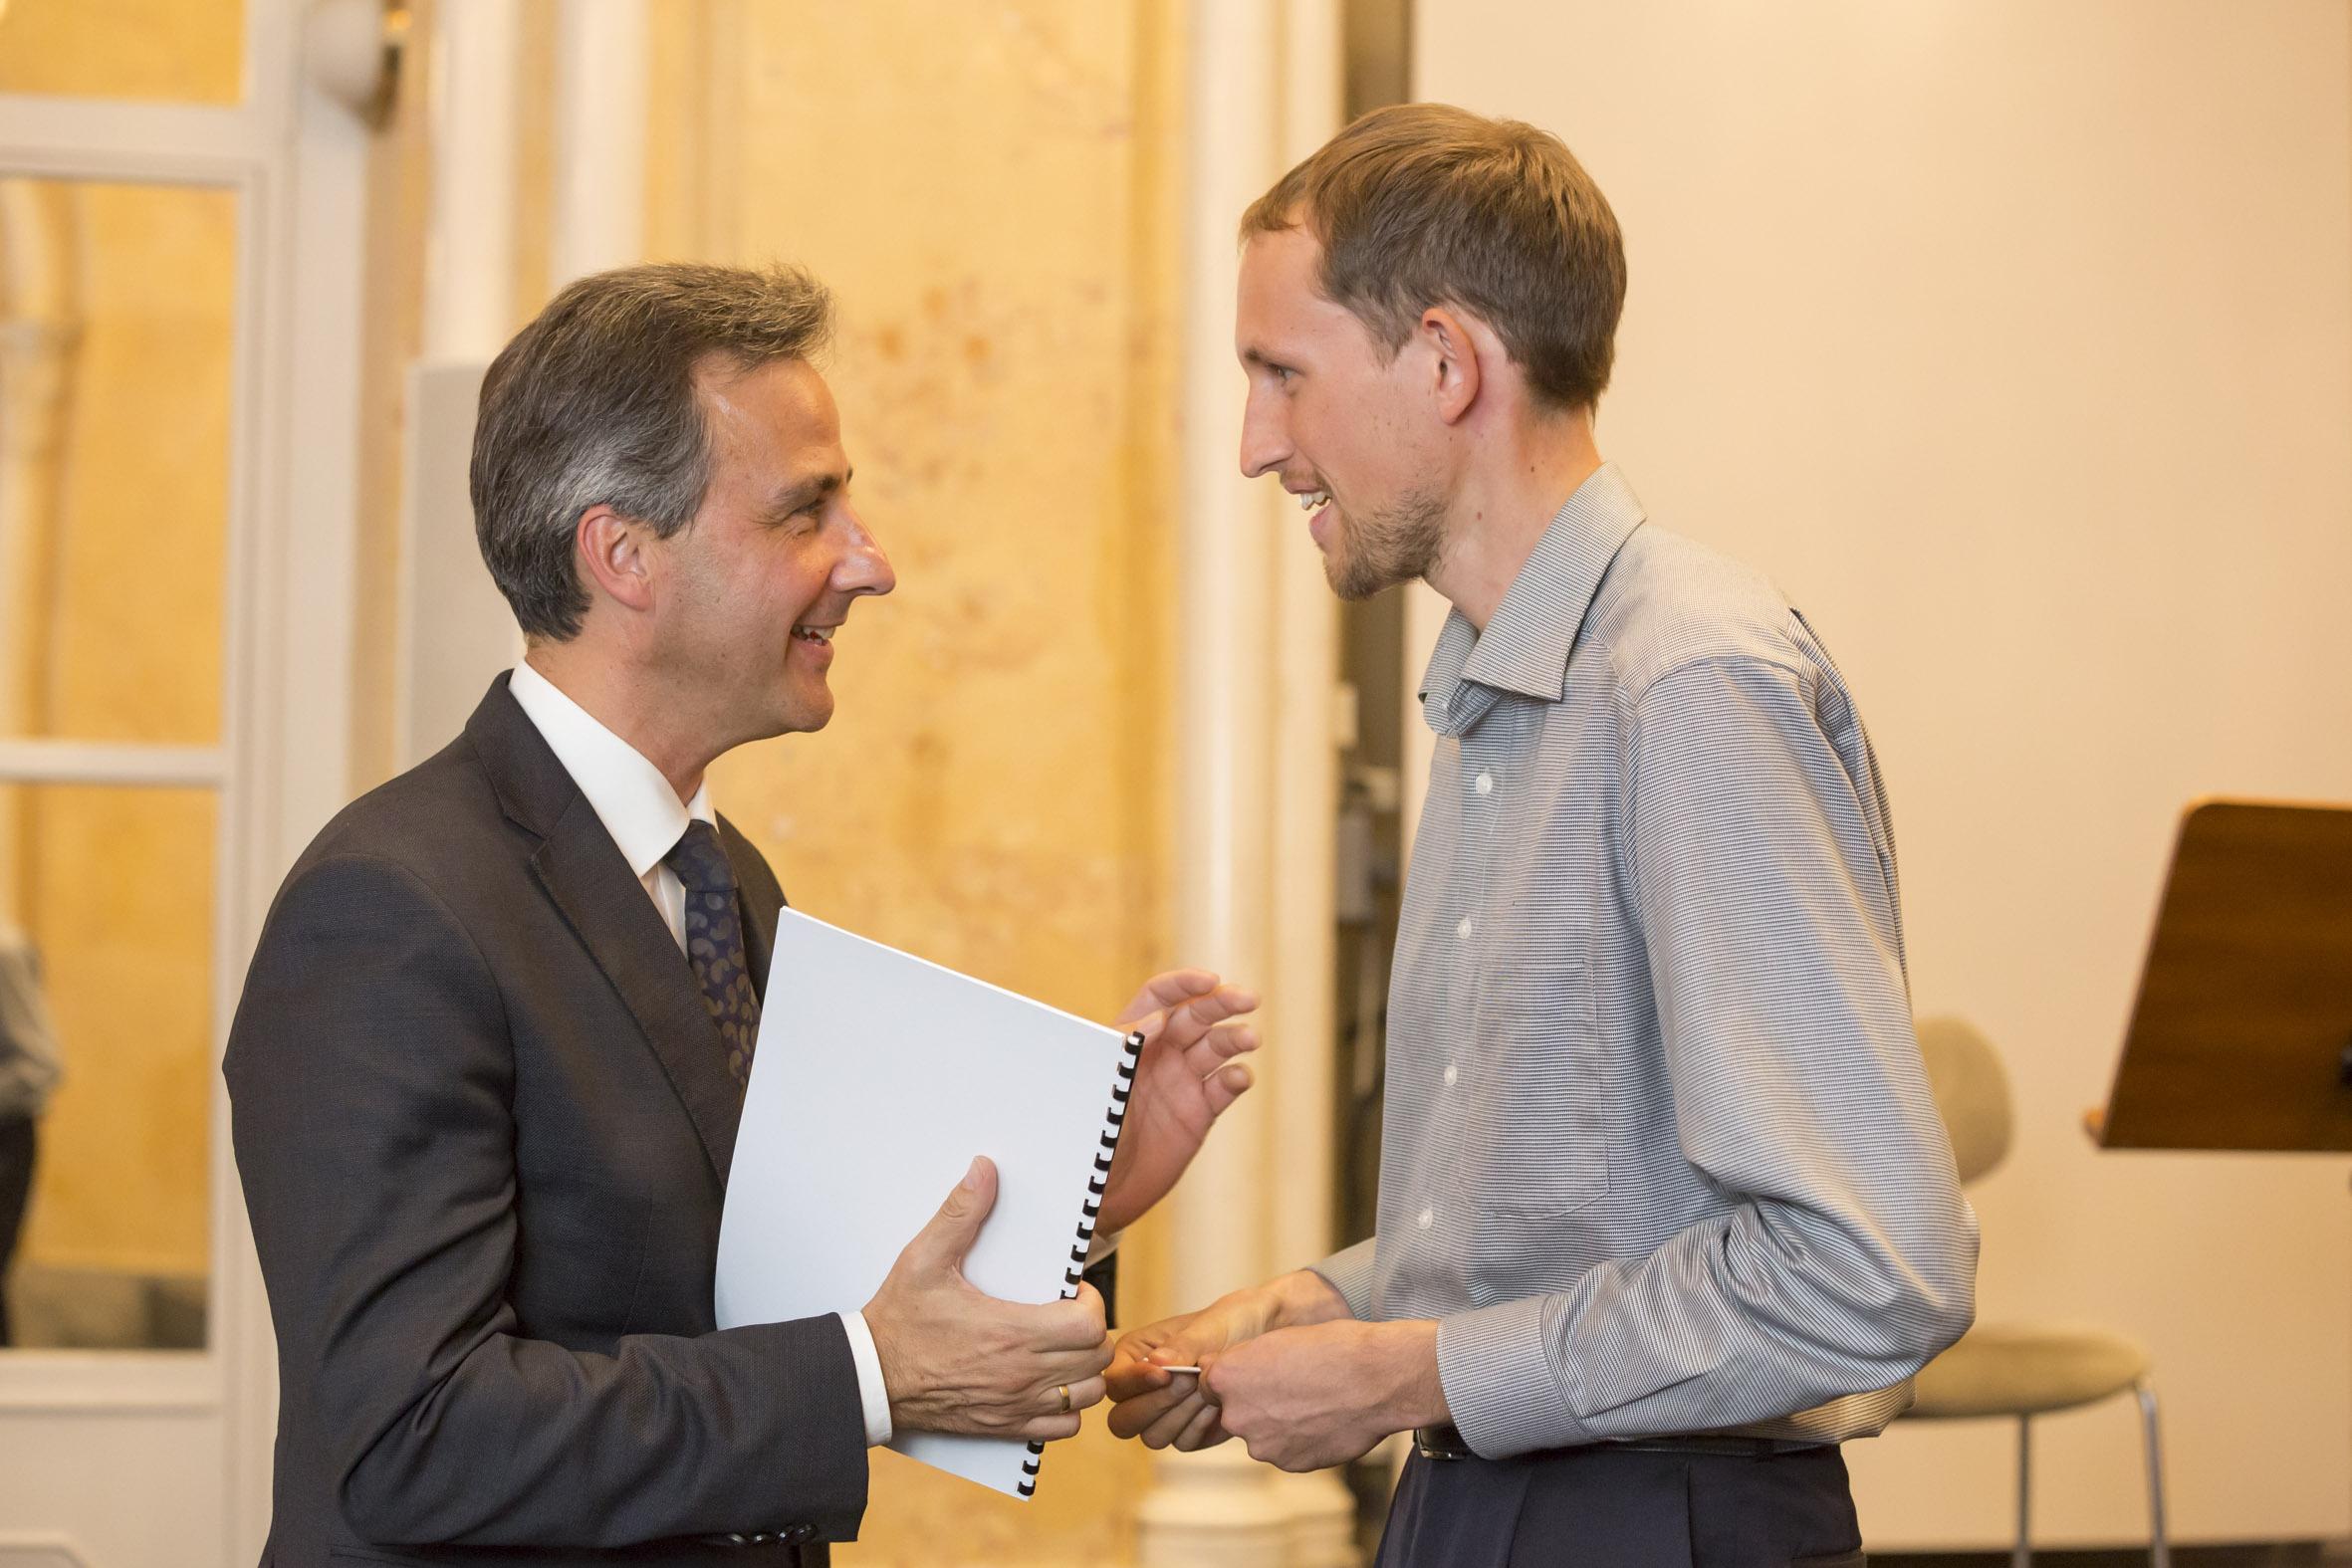 Graz Und Maribor Feierten Gemeinsam Ihre Freundschaft